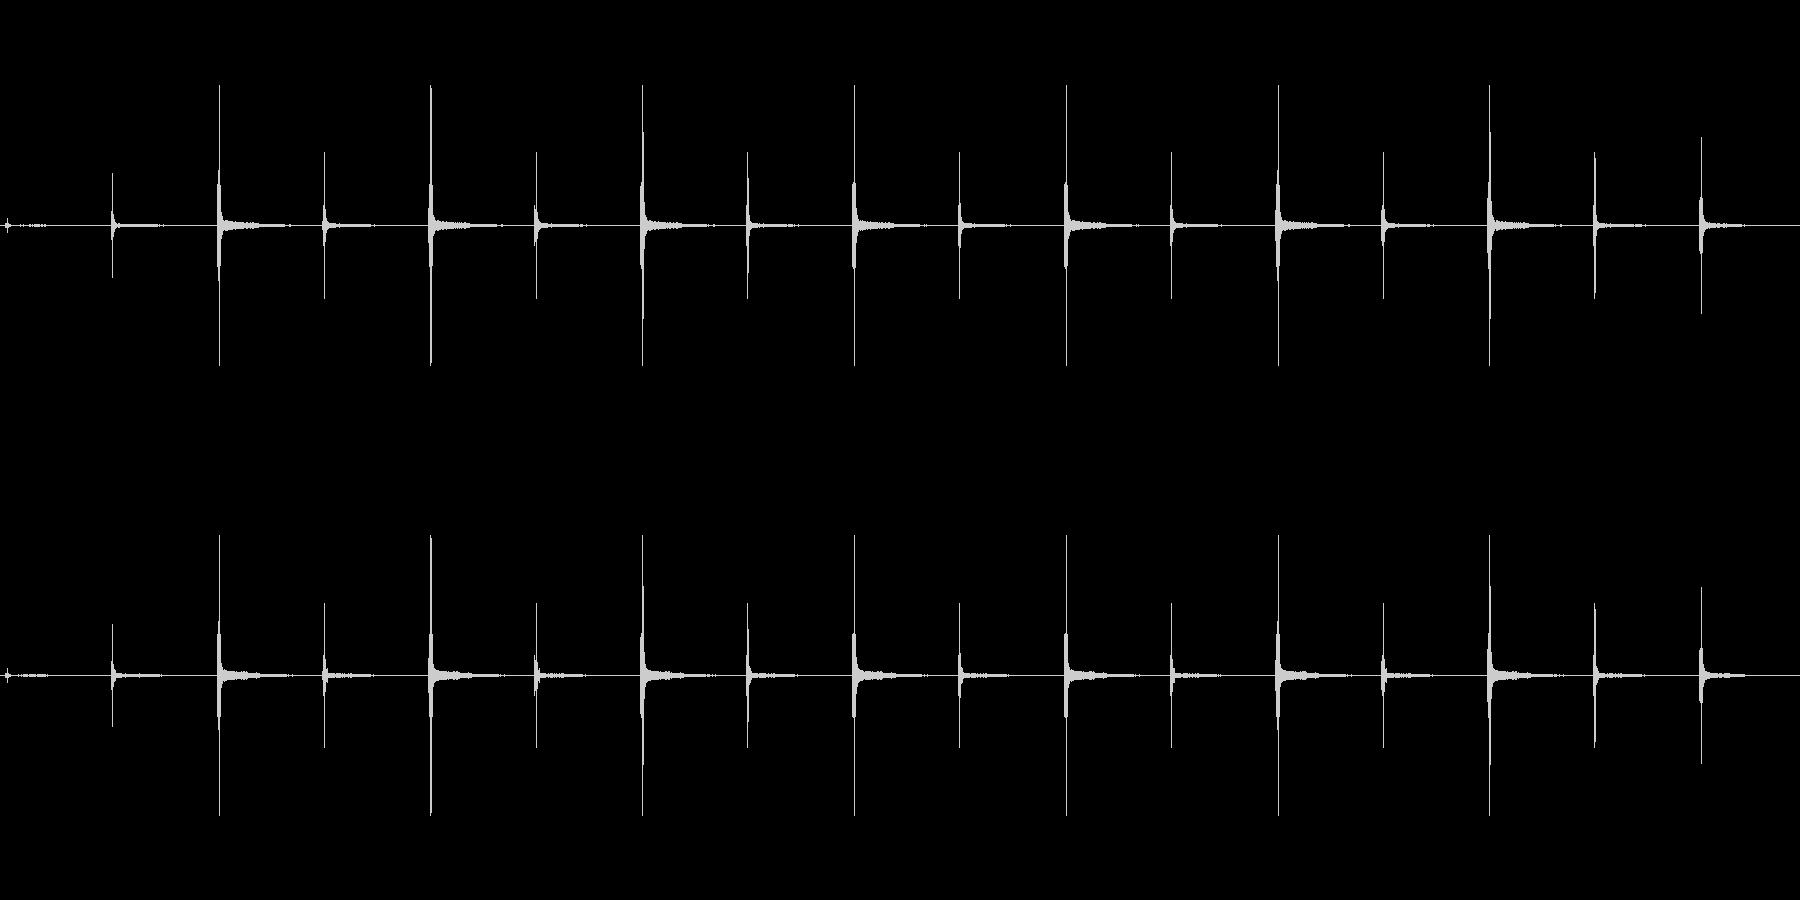 時計 tick tock_4-4_revの未再生の波形